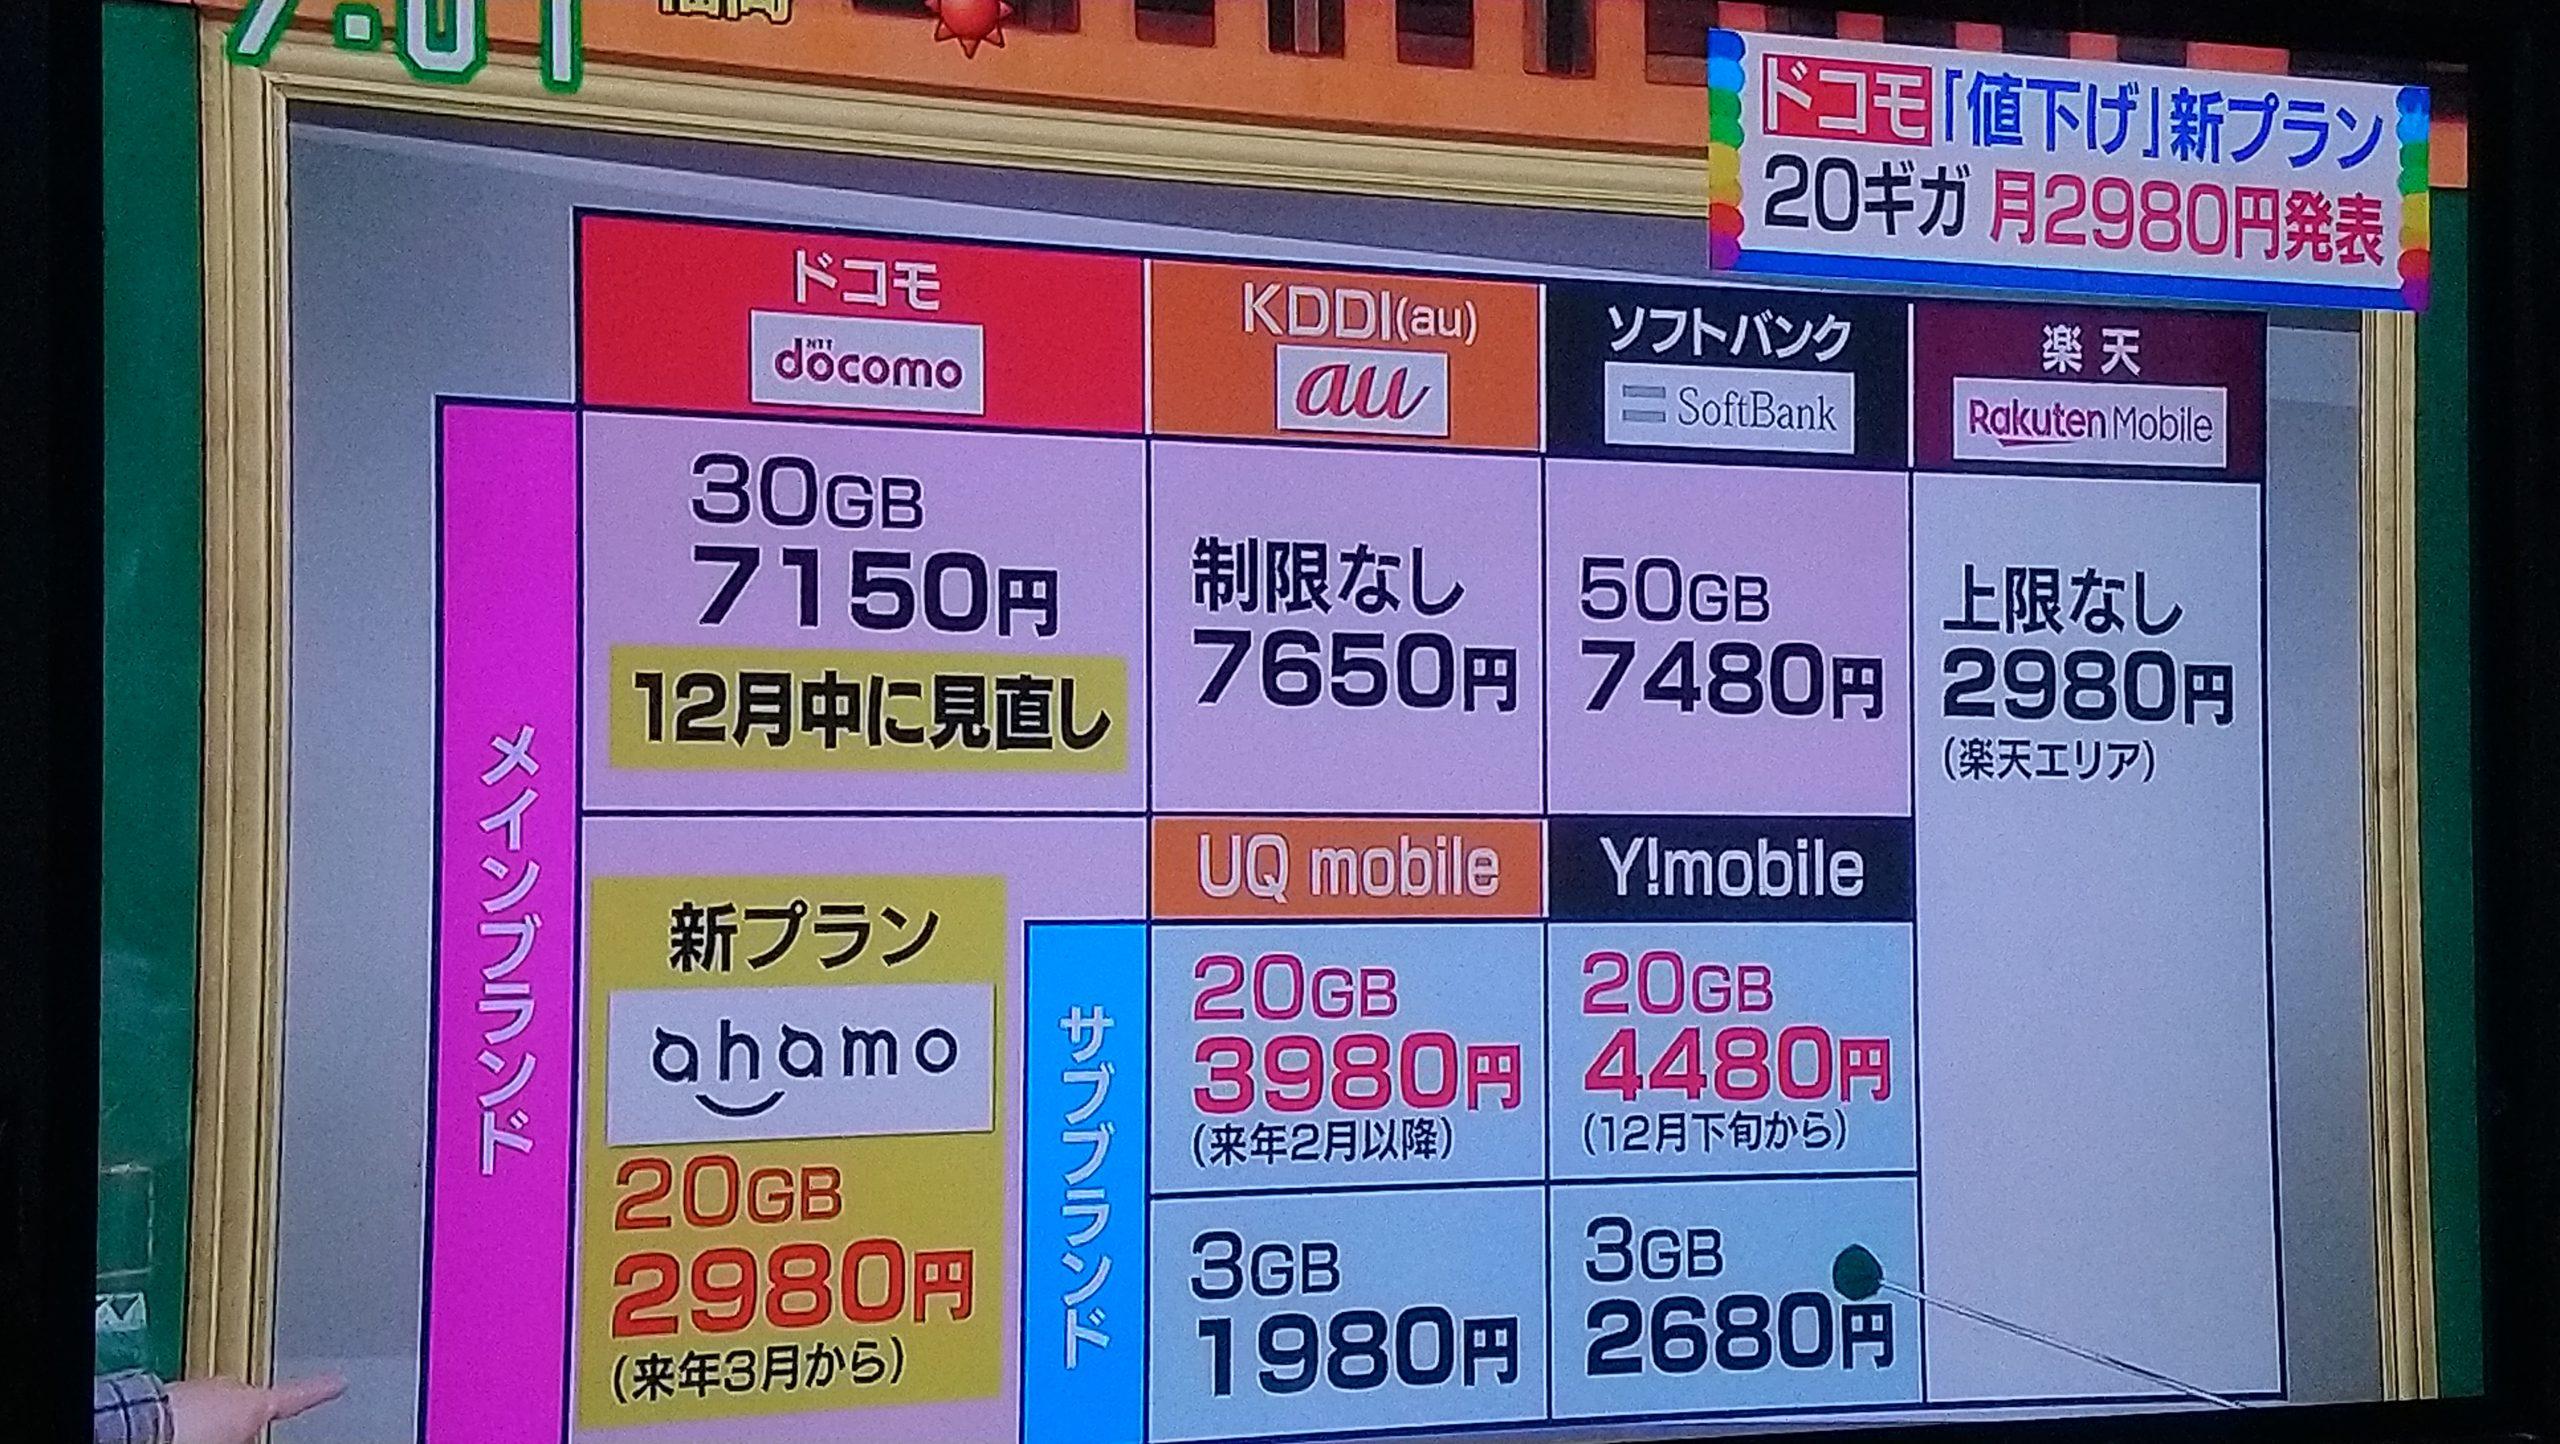 各携帯会社の比較表